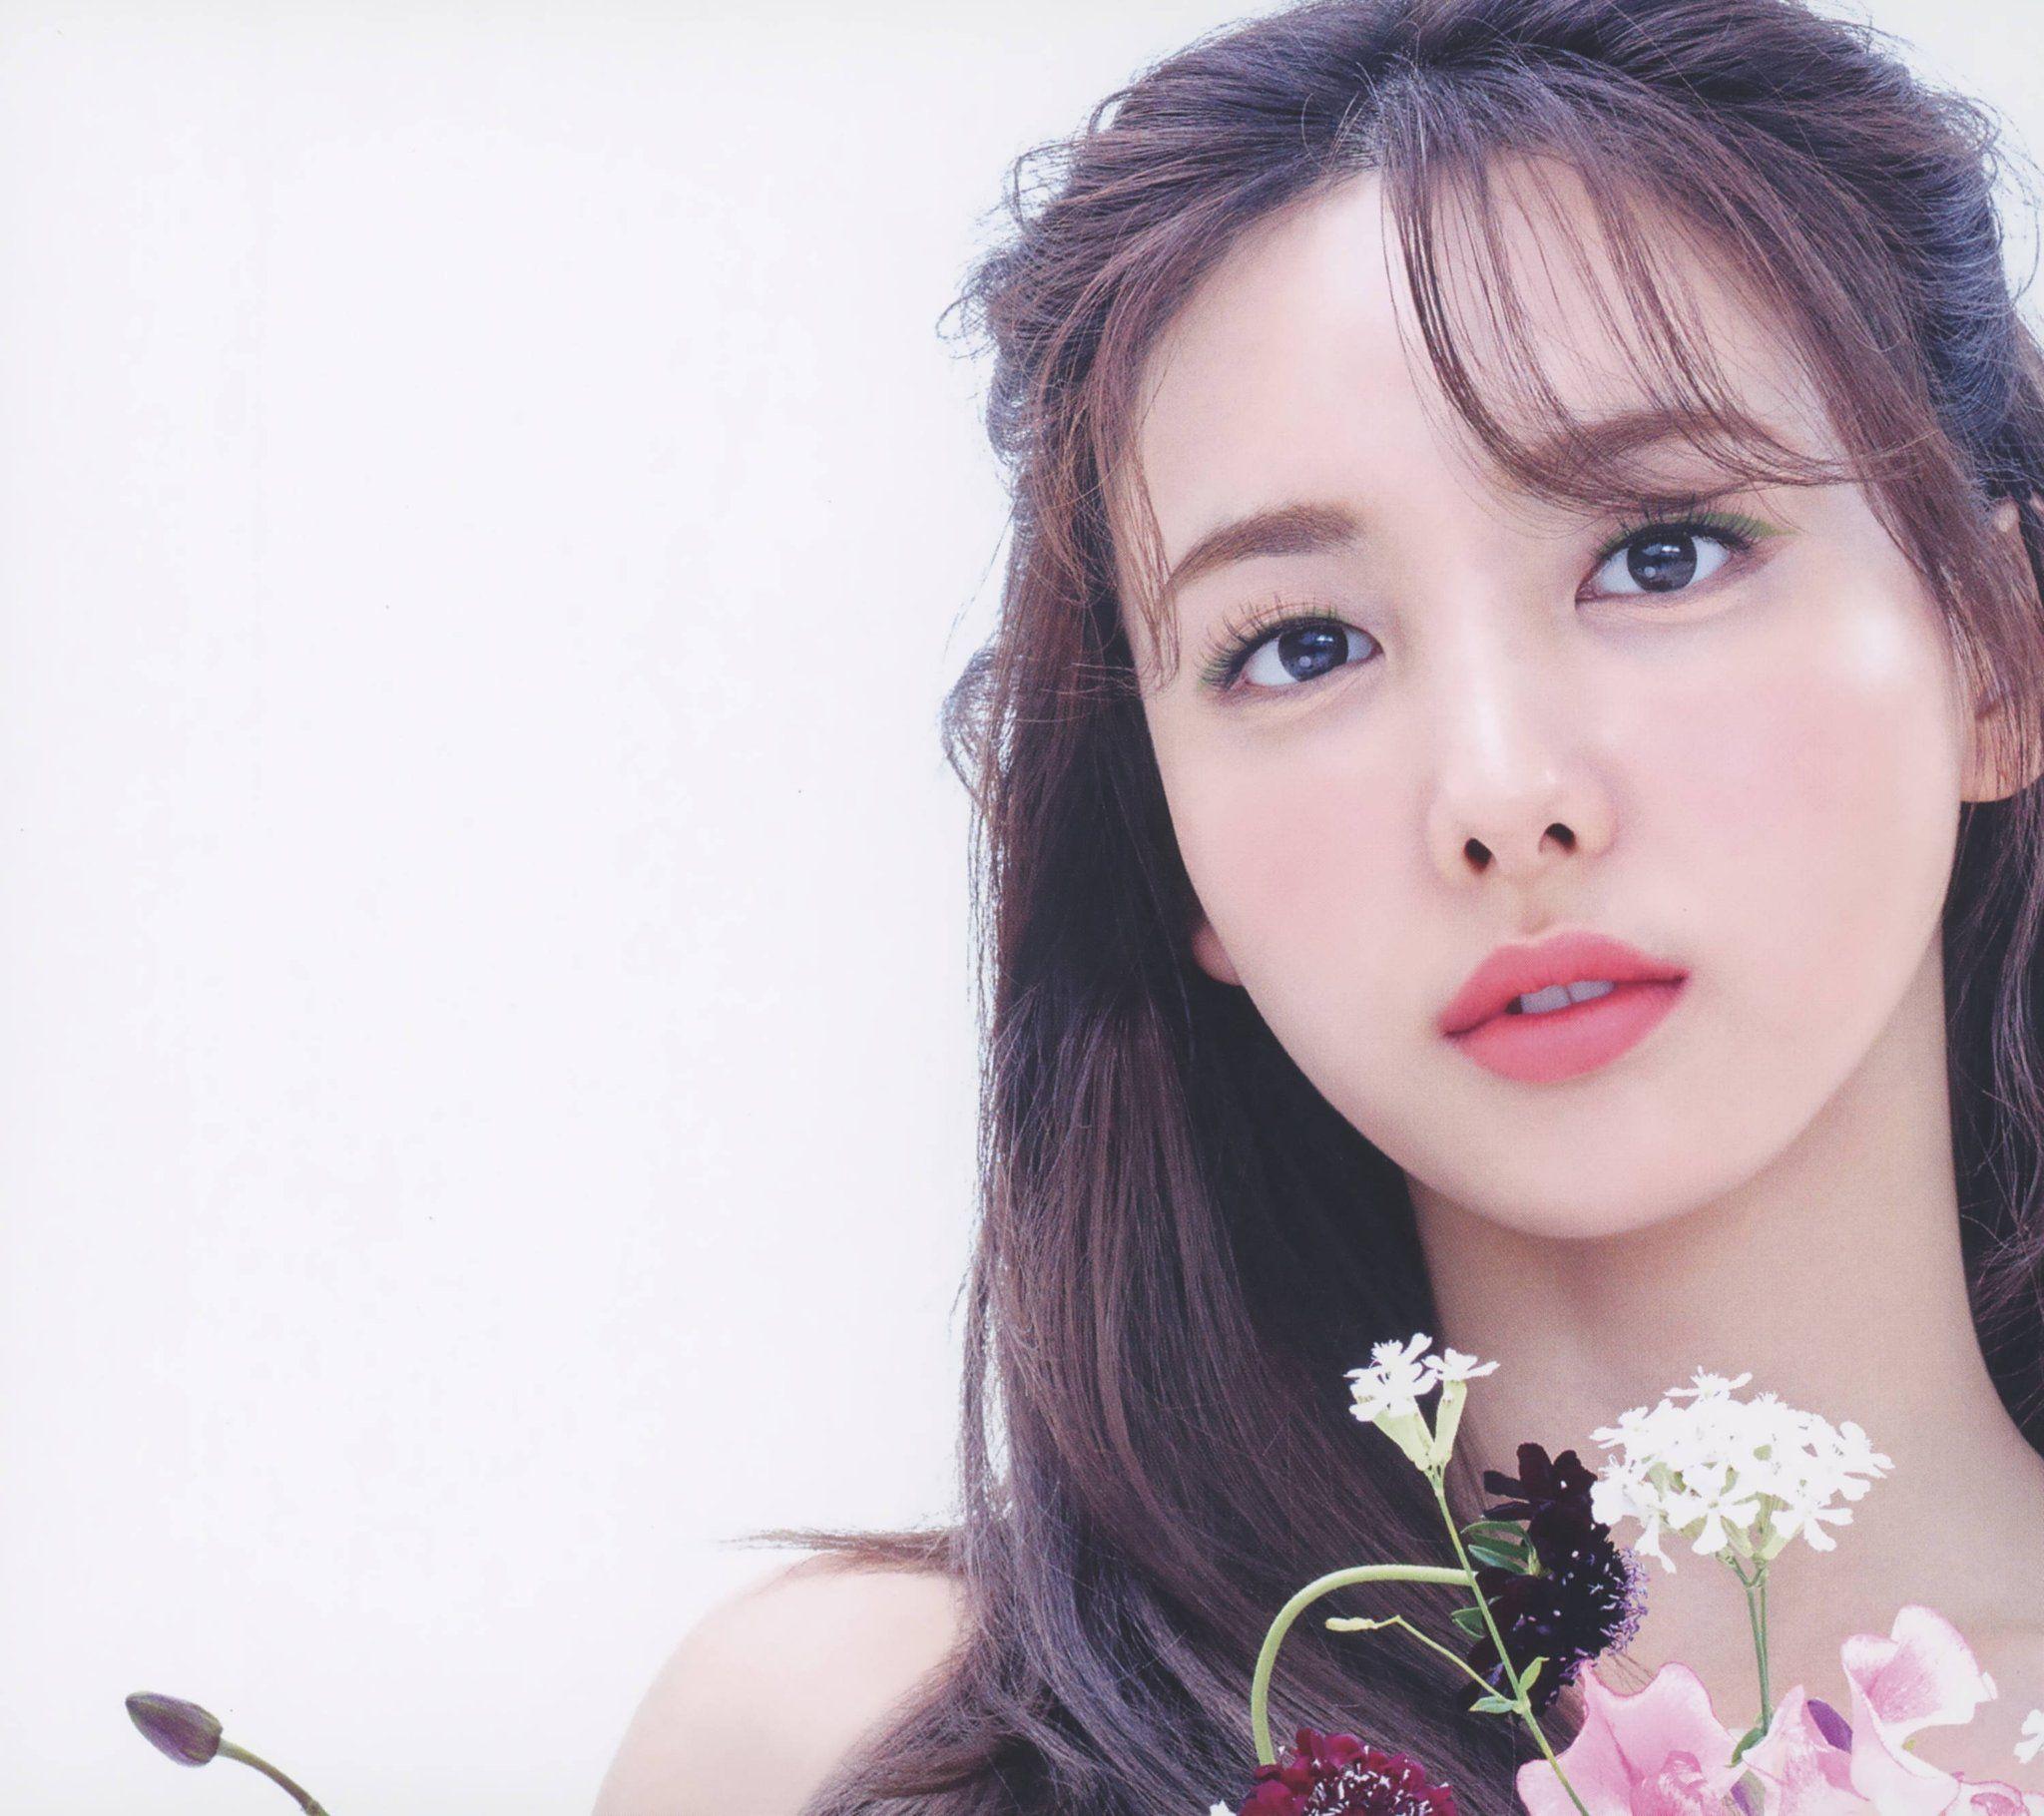 Njmsjmdct2 On Twitter In 2021 Nayeon Beauty Nayeon Twice